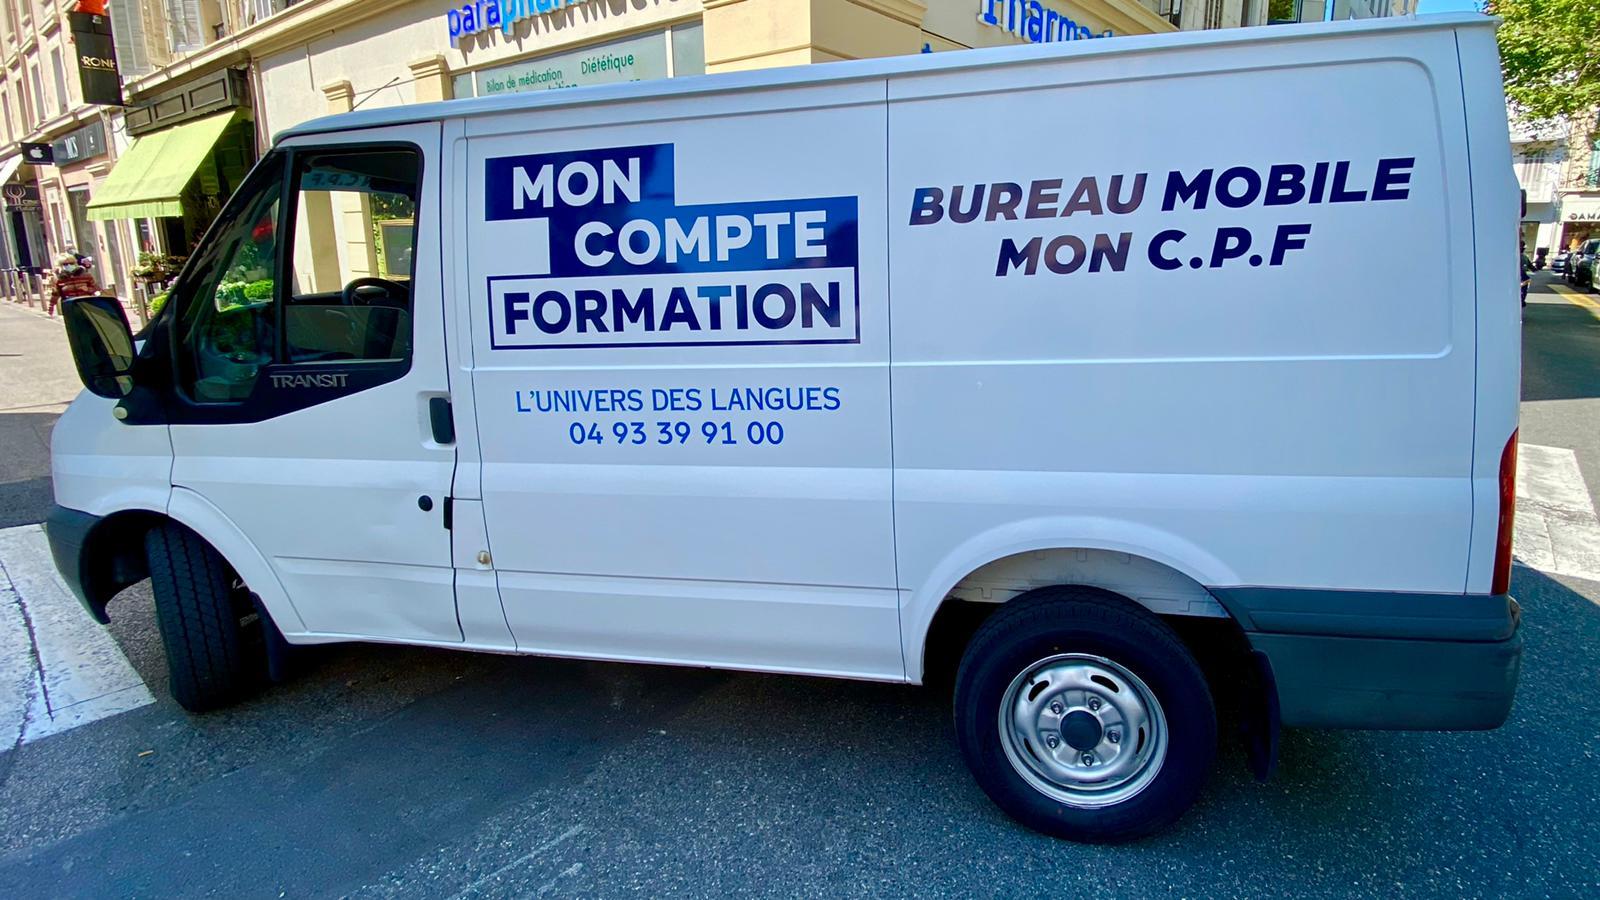 Notre présence chez vous avec notre Bureau Mobile